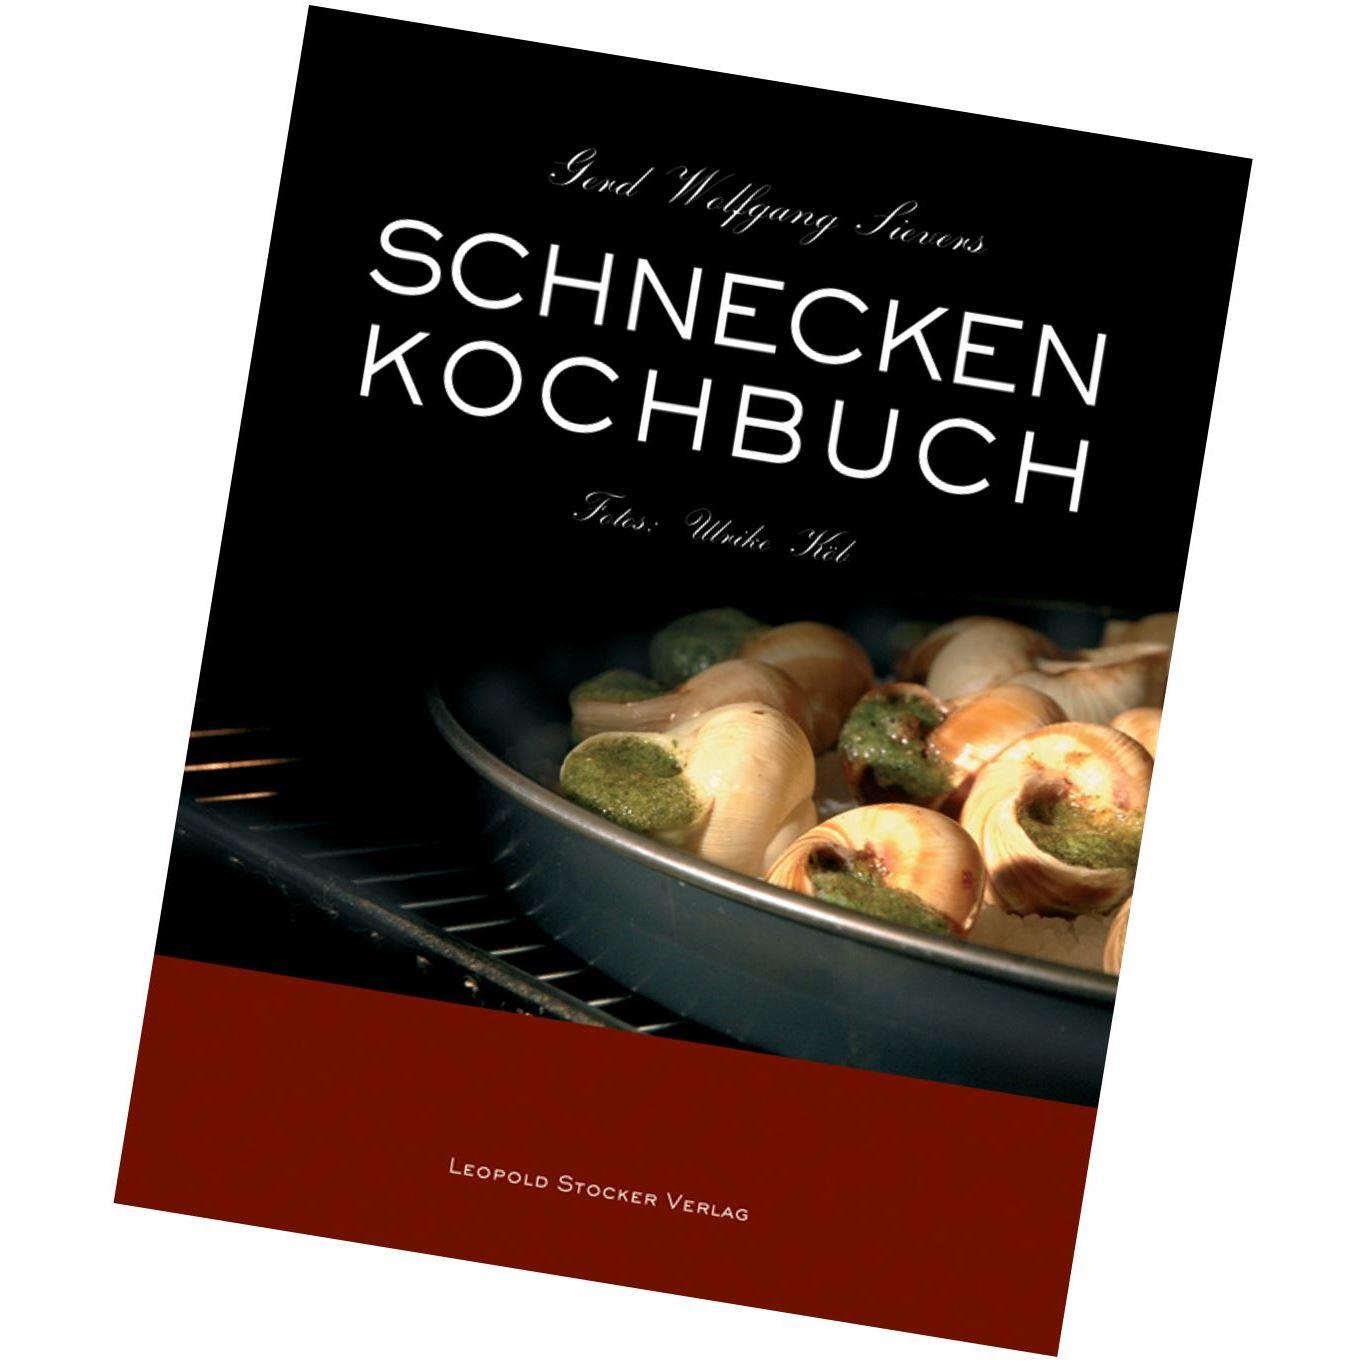 Schneckenkochbuch, Escargots-Rezepte. Im Schneckenkochbuch von Gerd Wolfgang Sievers sind viele Rezepte aus der ganze Welt und bekannter Spitzenköche! EMPFEHLUNG FÜR JEDEN SCHNECKENLIEBHABER